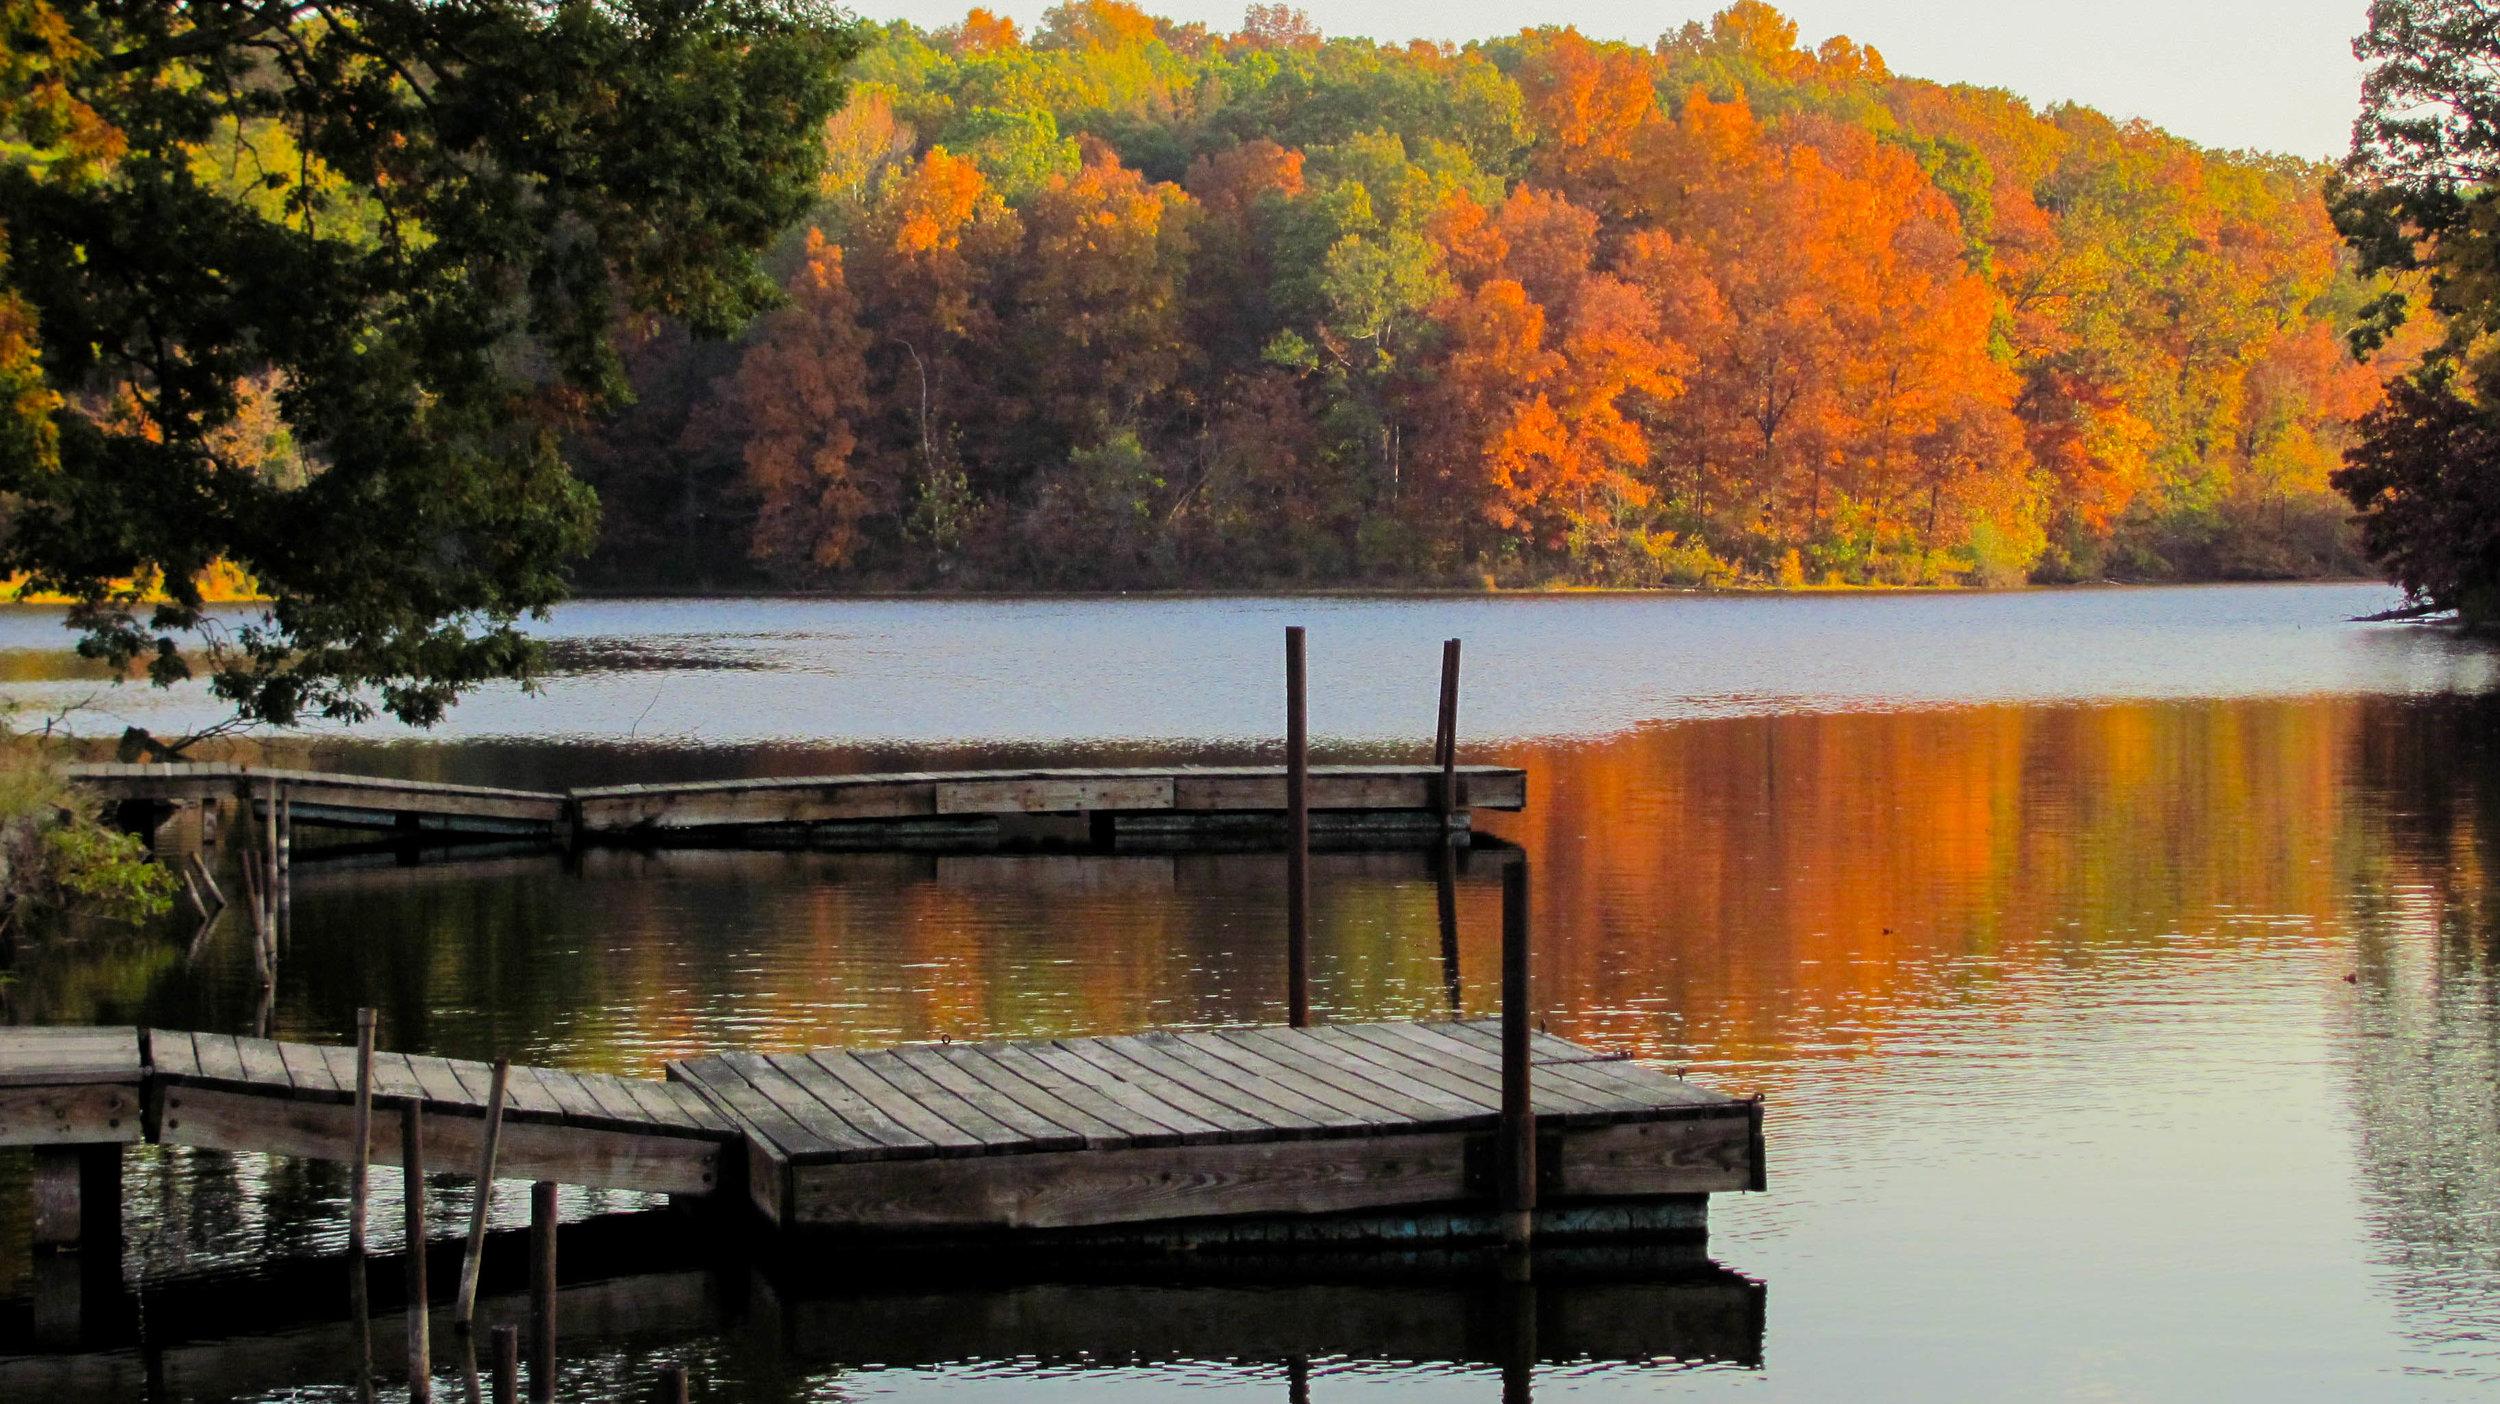 lake_murphysboro_10172010_alr-0560.jpg